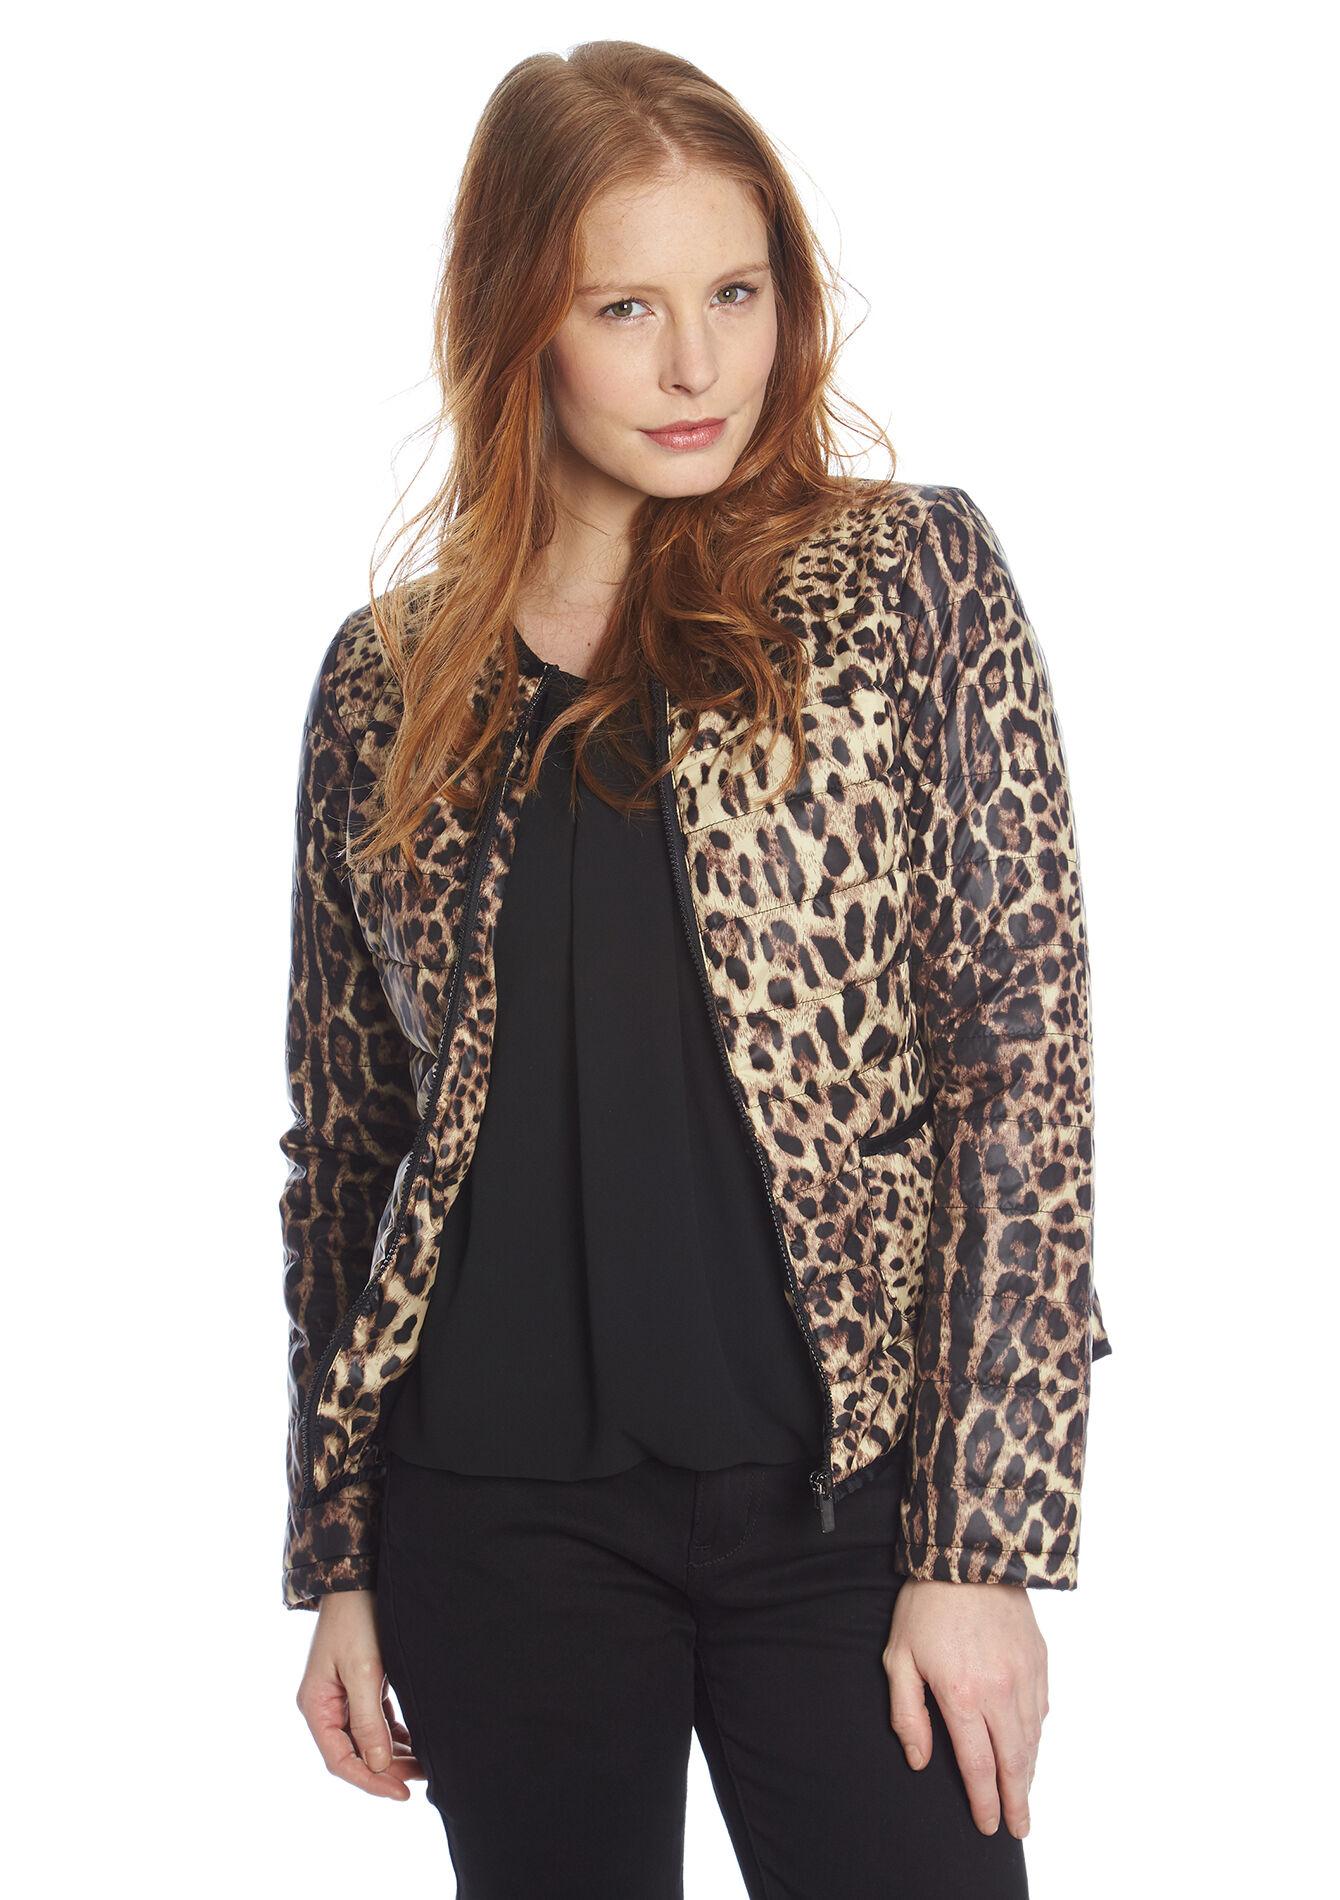 Blouson matelassé imprimé léopard - CAMEL BEIGE - 10000478_1122